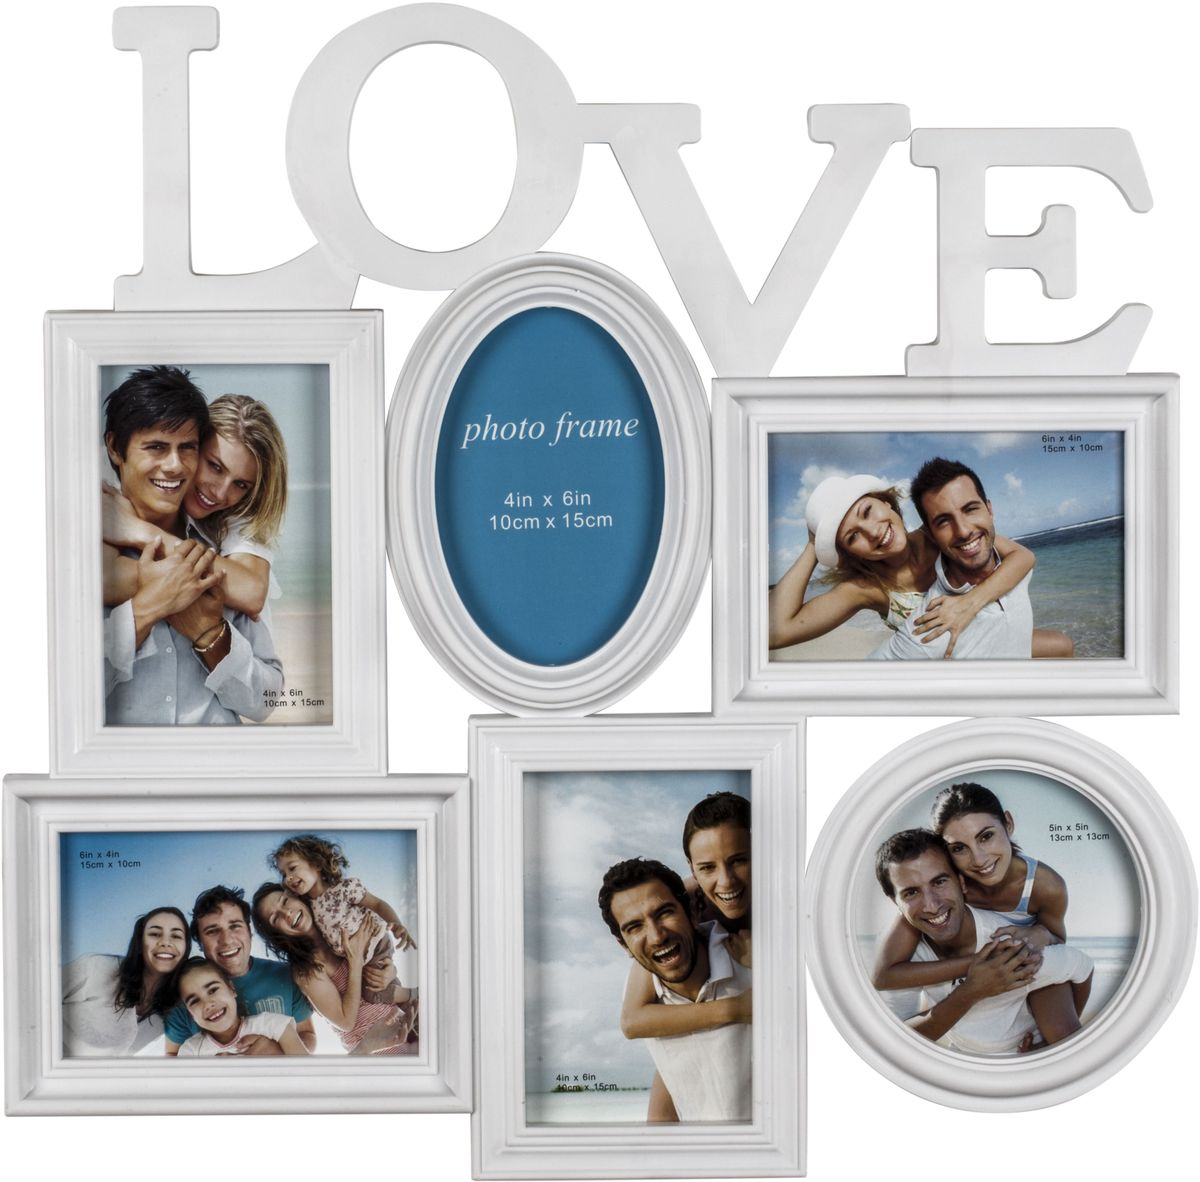 Фоторамка Platinum Love, цвет: белый, на 6 фотоPLATINUM BH-1406-White-БелыйФоторамка Platinum Love - прекрасный способ красиво оформить ваши фотографии. Фоторамка выполнена из пластика и защищена стеклом. Фоторамка-коллаж представляет собой шесть фоторамок для фото разного размера оригинально соединенных между собой. Такая фоторамка поможет сохранить в памяти самые яркие моменты вашей жизни, а стильный дизайн сделает ее прекрасным дополнением интерьера комнаты.Фоторамка подходит для 5 фото 10 х 15 см и 1 фото 13 х 13 см.Общий размер фоторамки: 46 х 47 см.